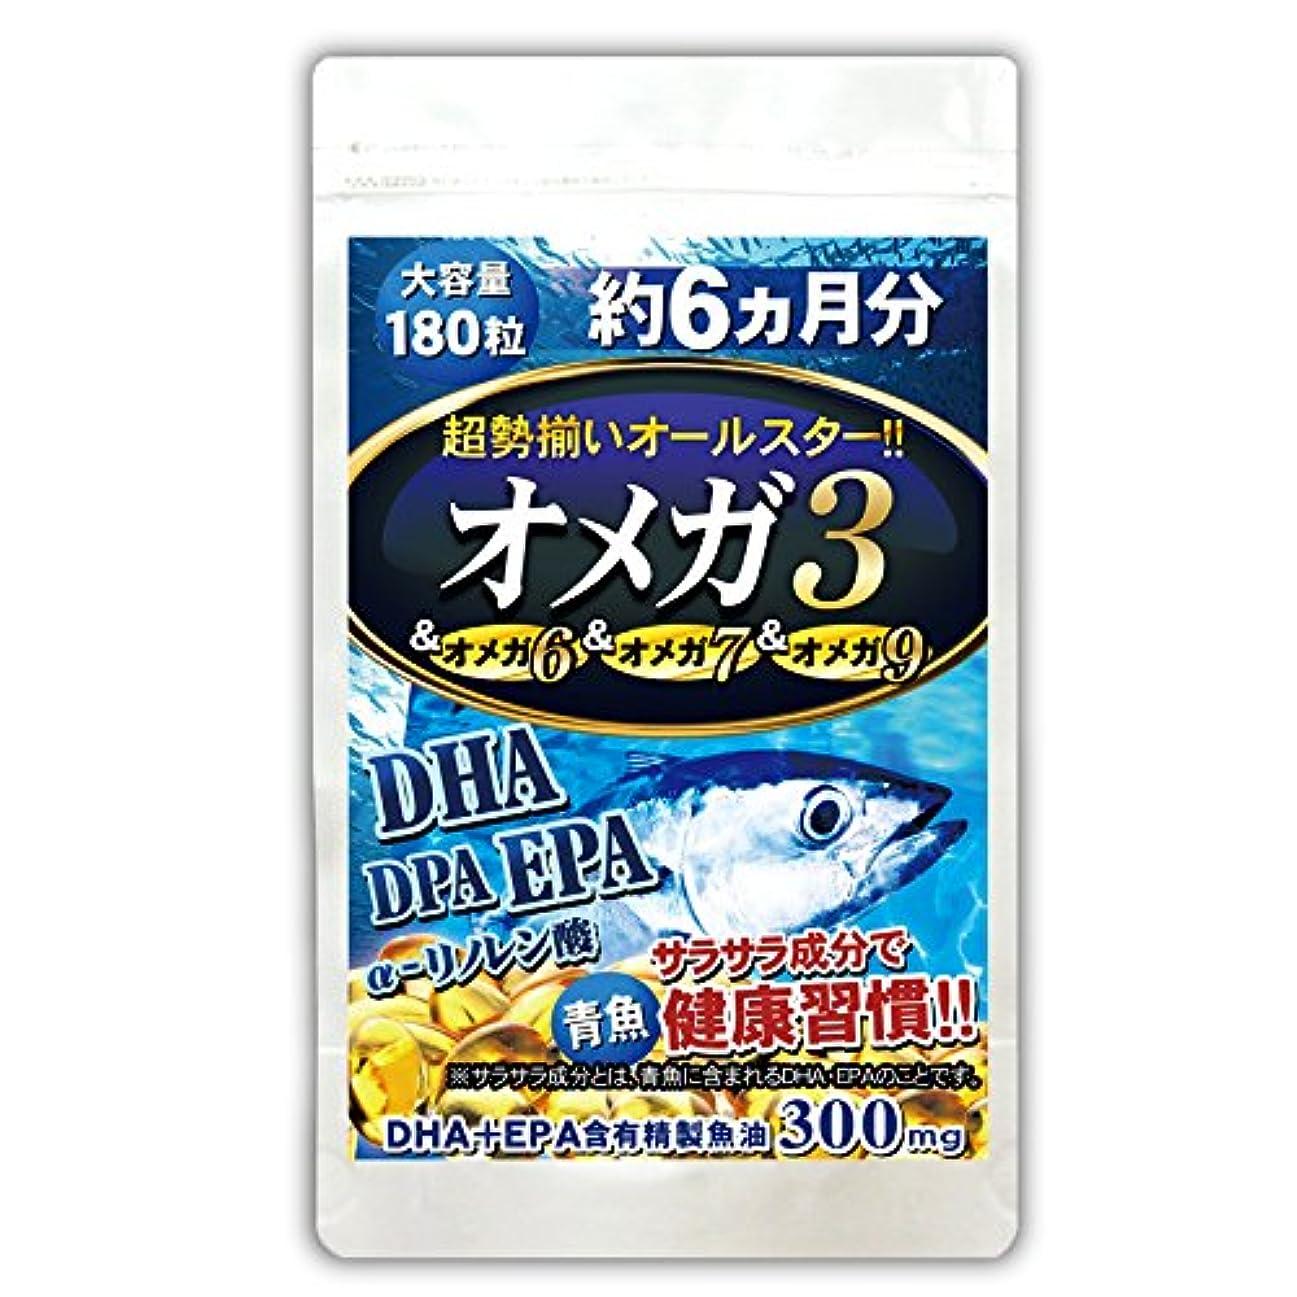 粗い吐き出す判読できない(約6ヵ月分/180粒)DHA+EPA+DPA+α-リノレン酸の4種オメガ3をまとめて!超勢揃いオールスターオメガ